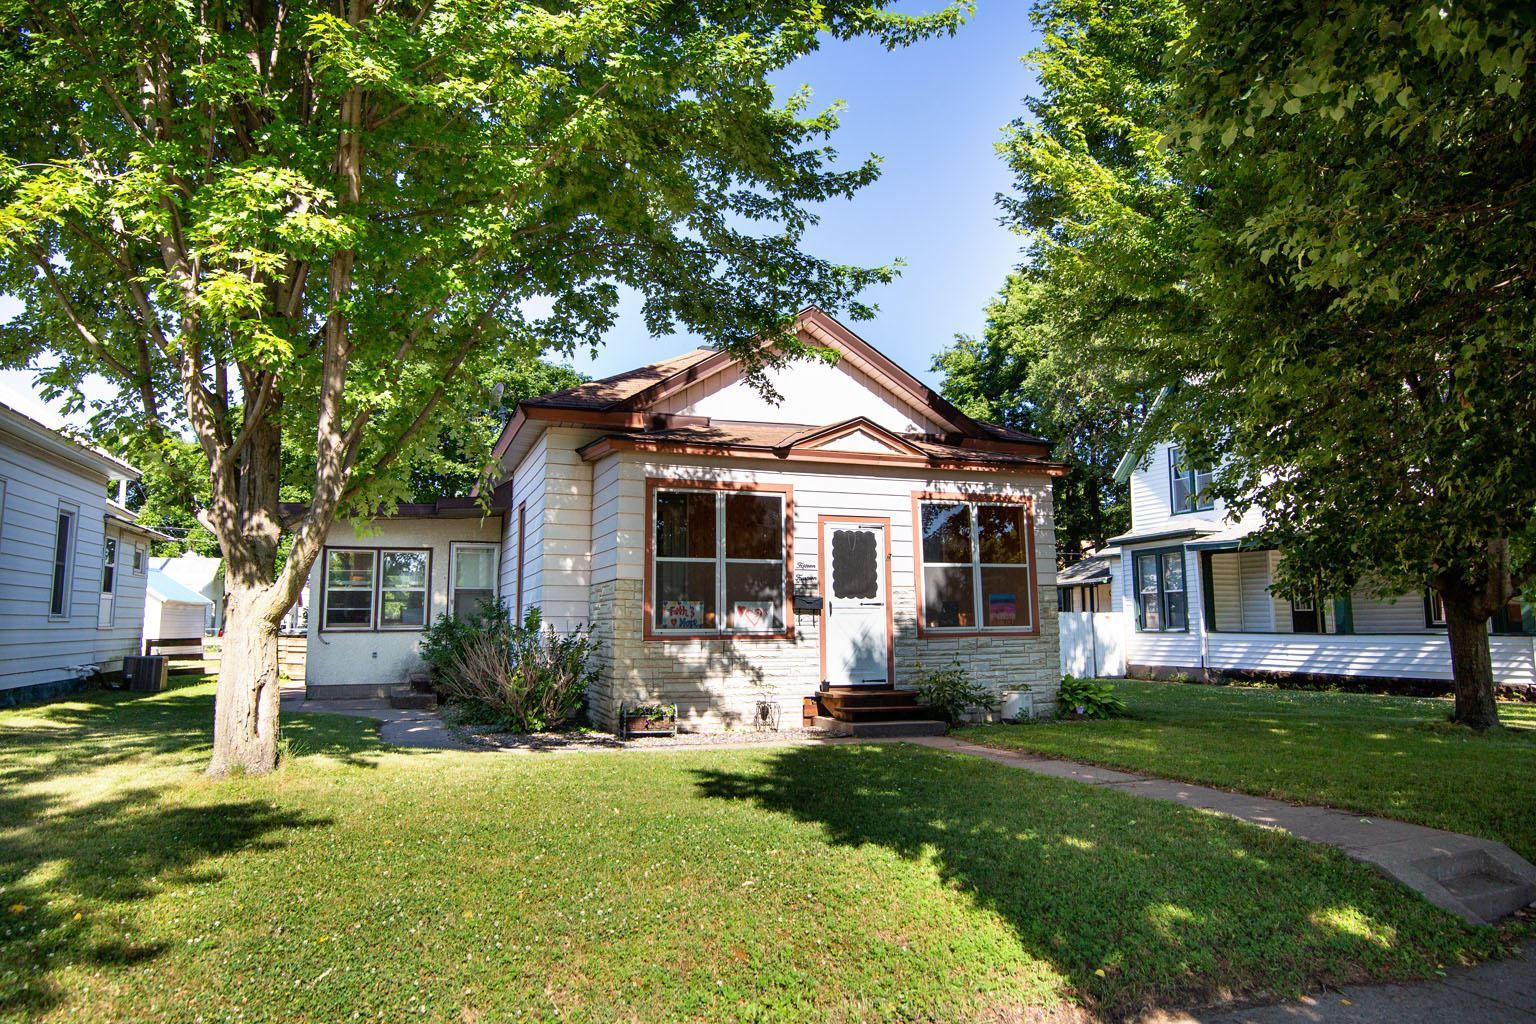 1514 West Ave S, La Crosse, WI 54601 - MLS#: 1698342